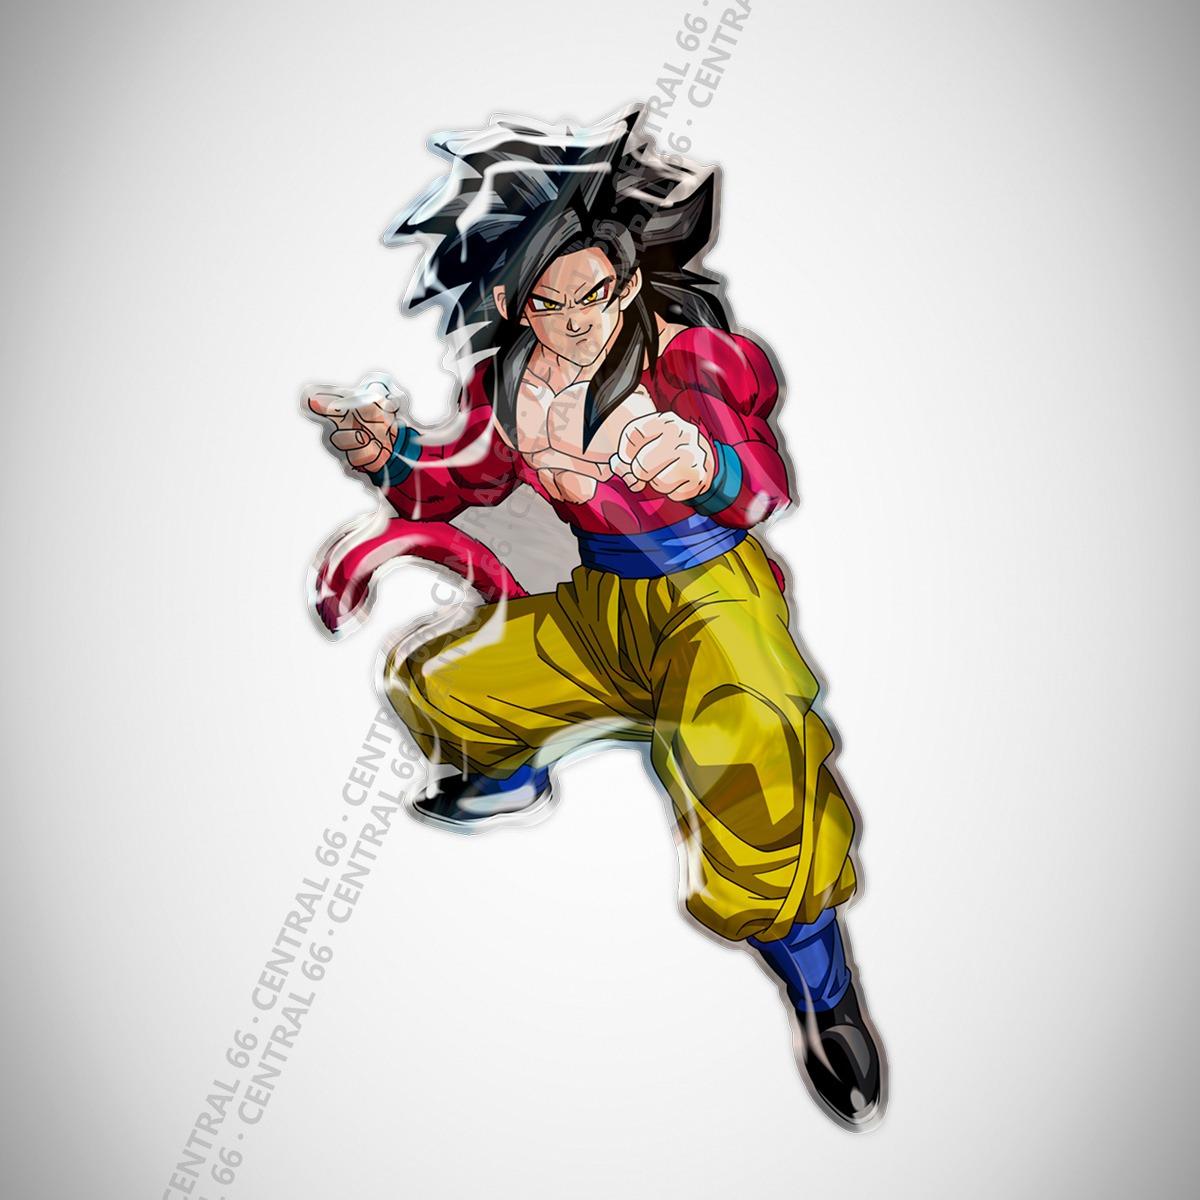 Adesivo Desenho Dragon Ball Gt Goku Ssj4 Resinado R 29 90 Em